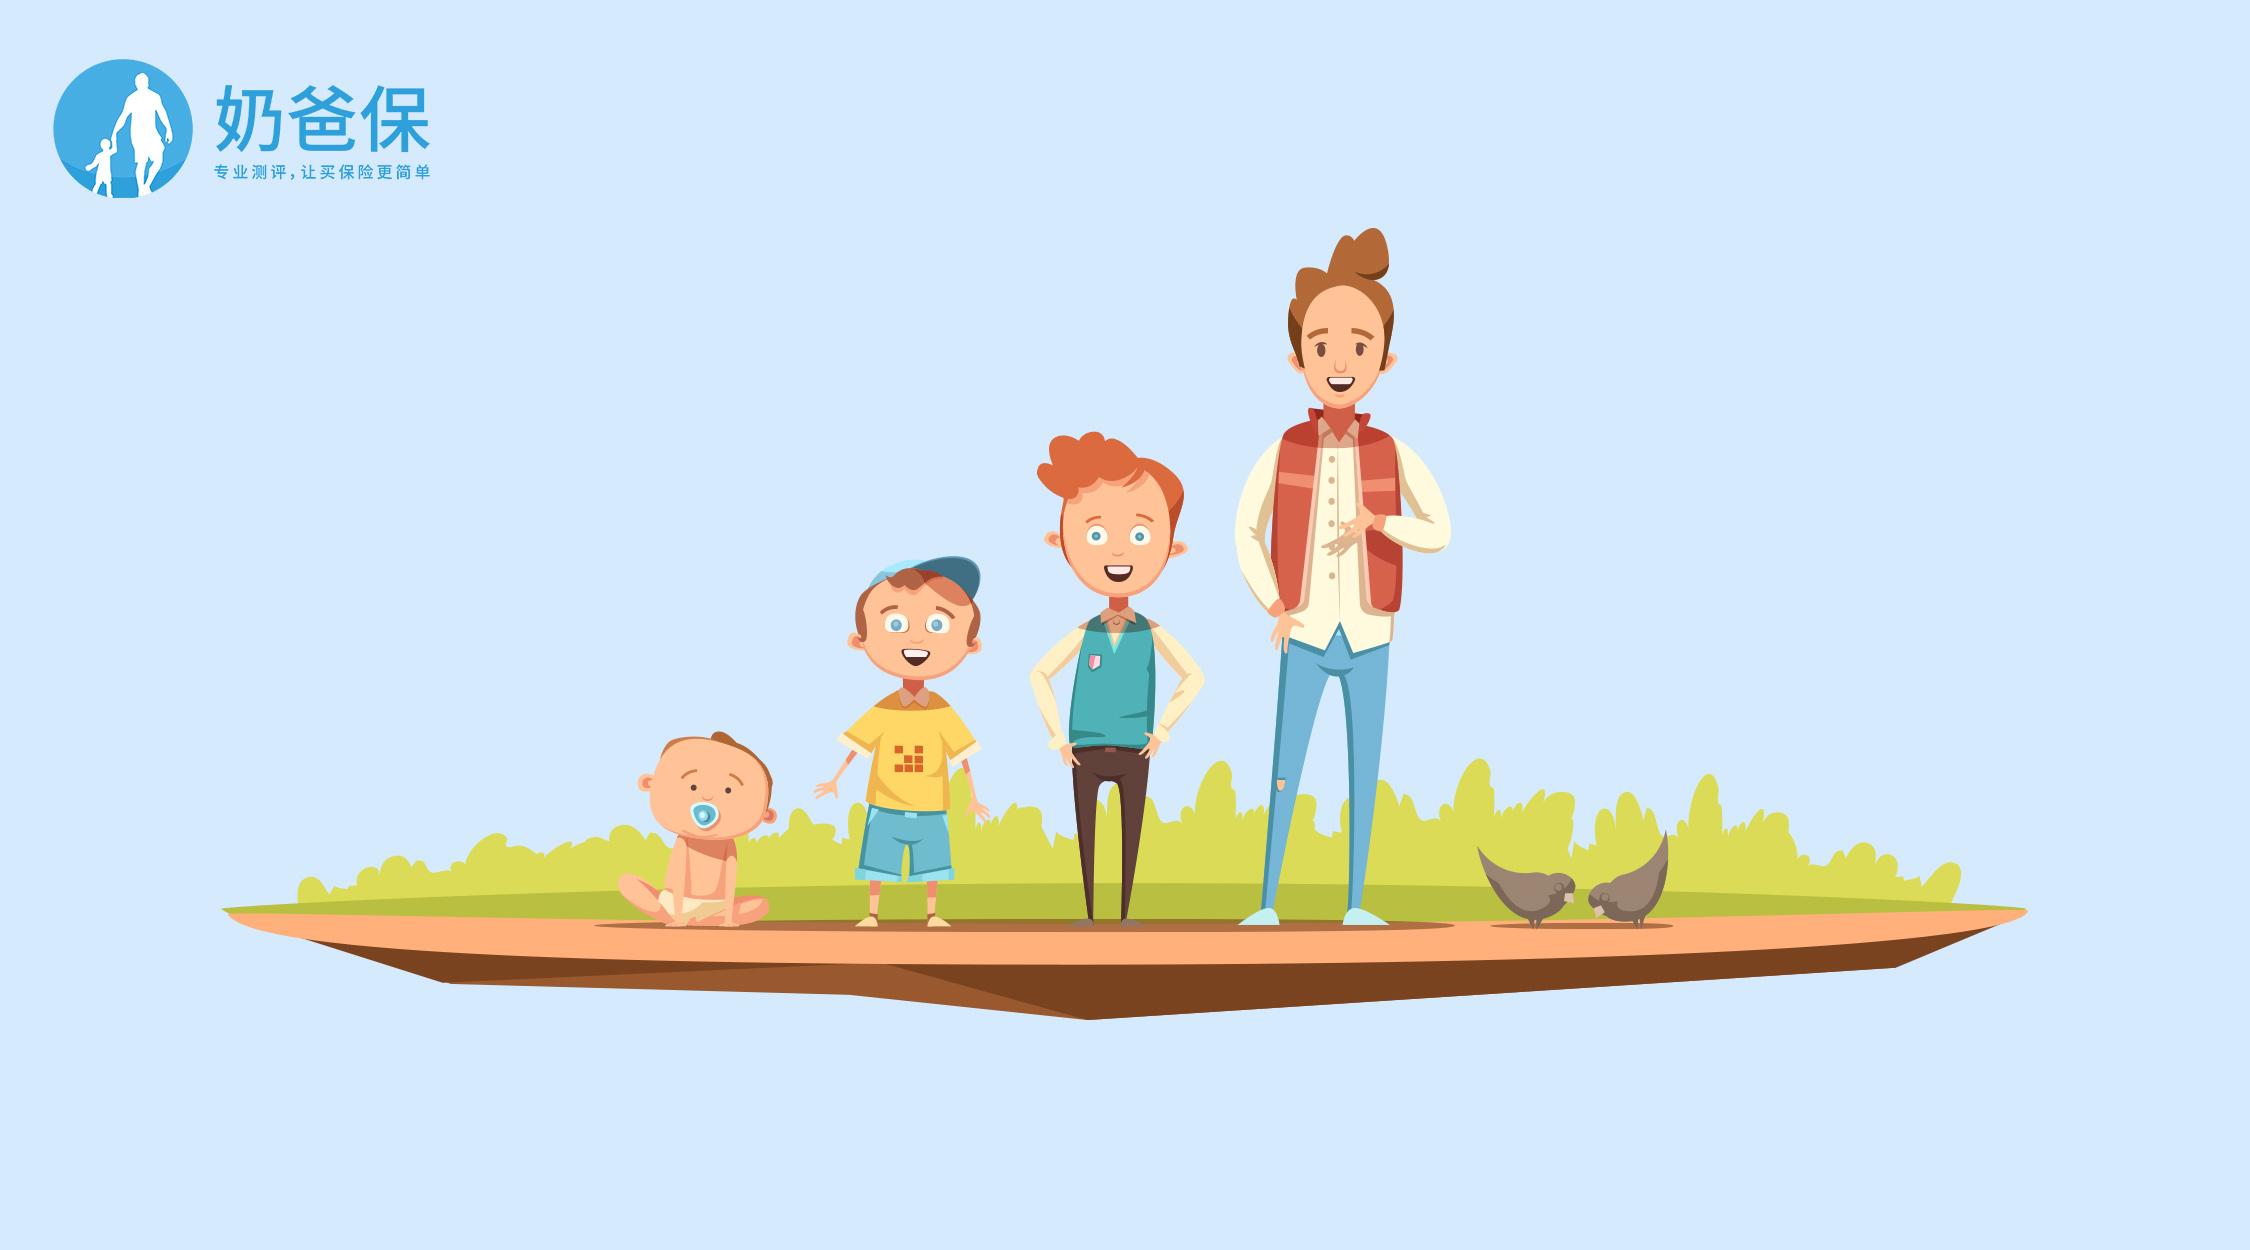 儿童怎么投保?不同年龄投保有区别吗?